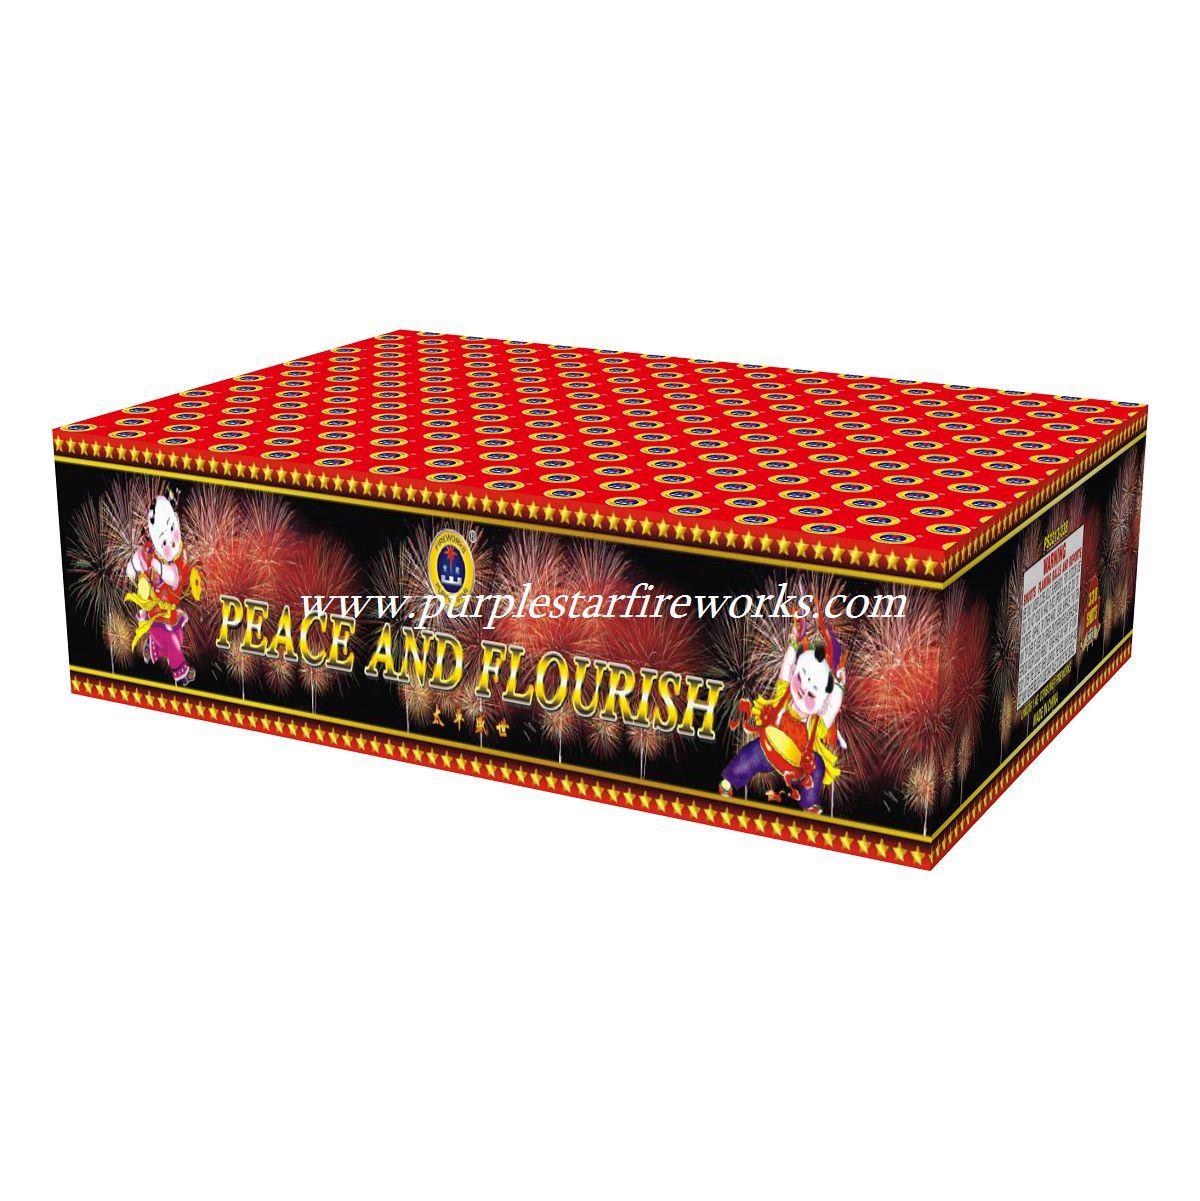 Fuochi d 39 artificio della torta di ps3213 338 338shot 1 4g for Prezzo del pacchetto di 2 box auto